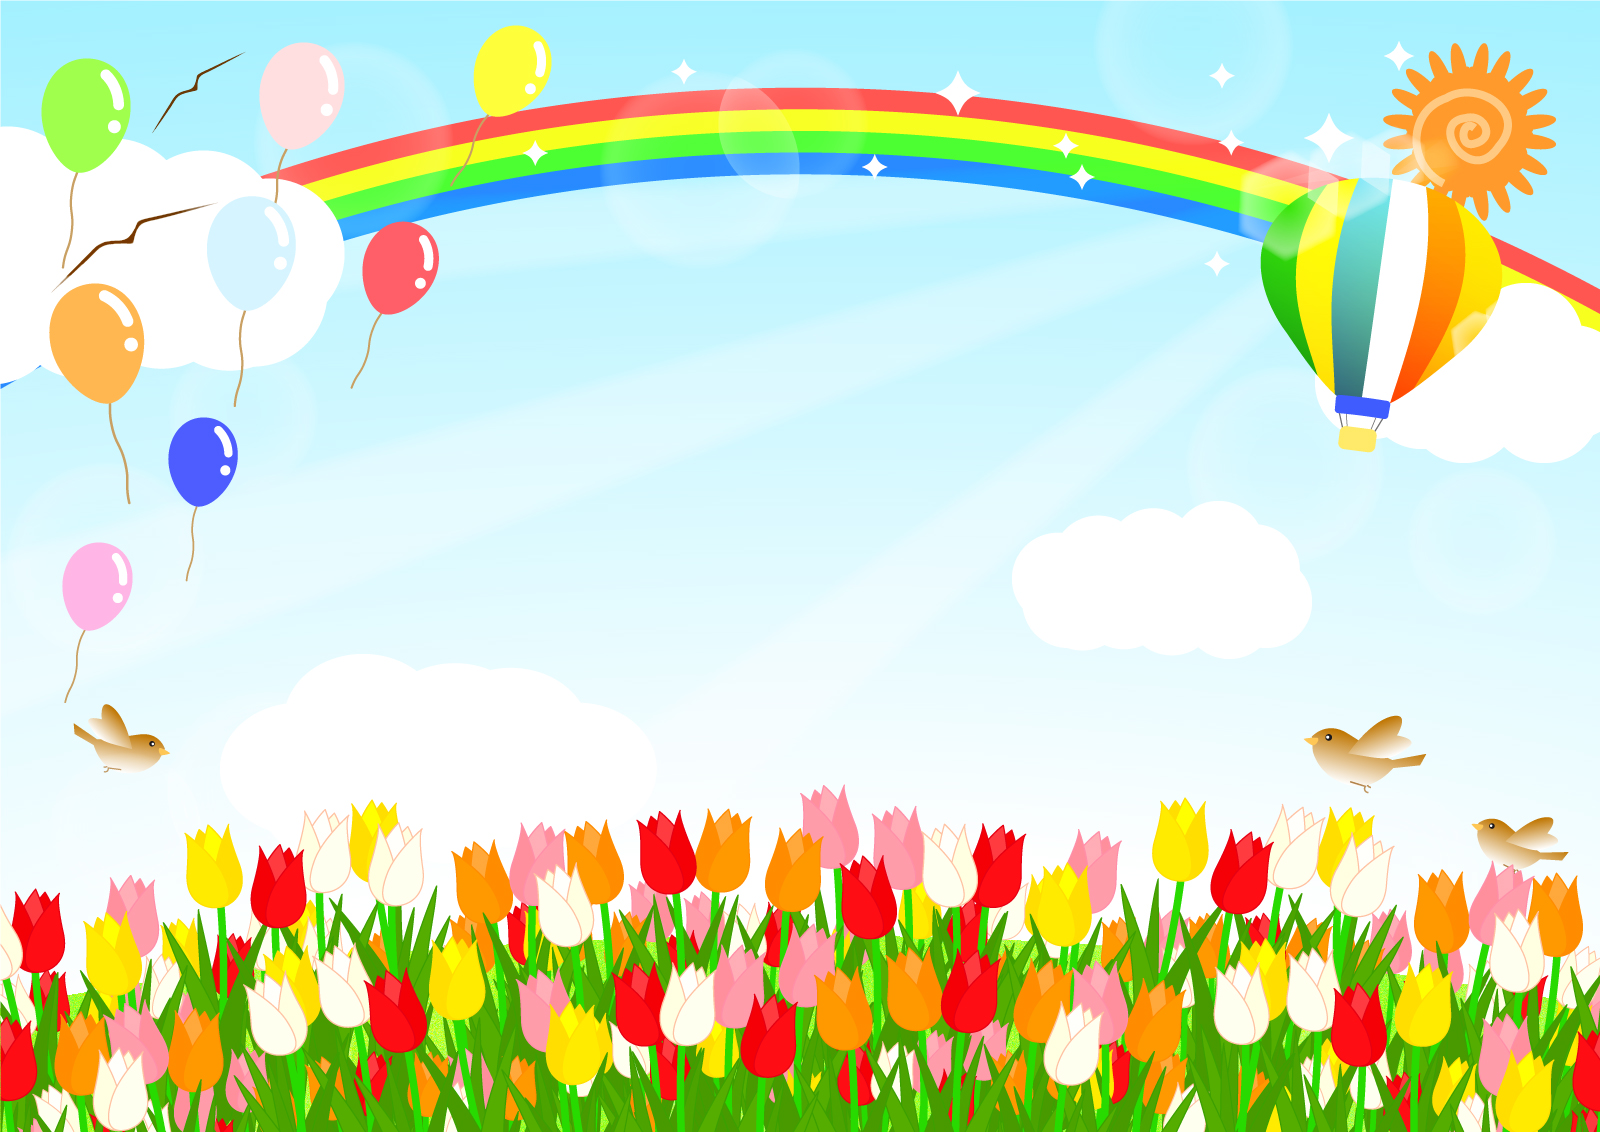 チューリップと虹と風船と気球